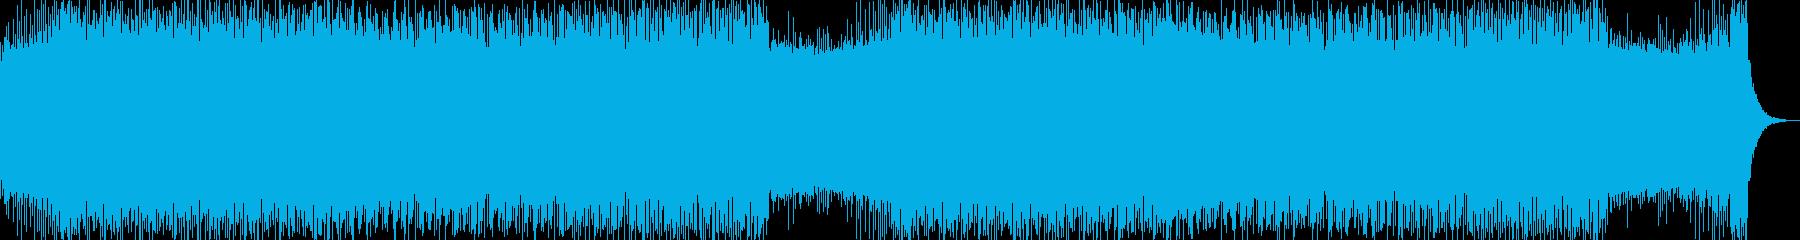 幻想的でかわいい雰囲気のエレクトロポップの再生済みの波形